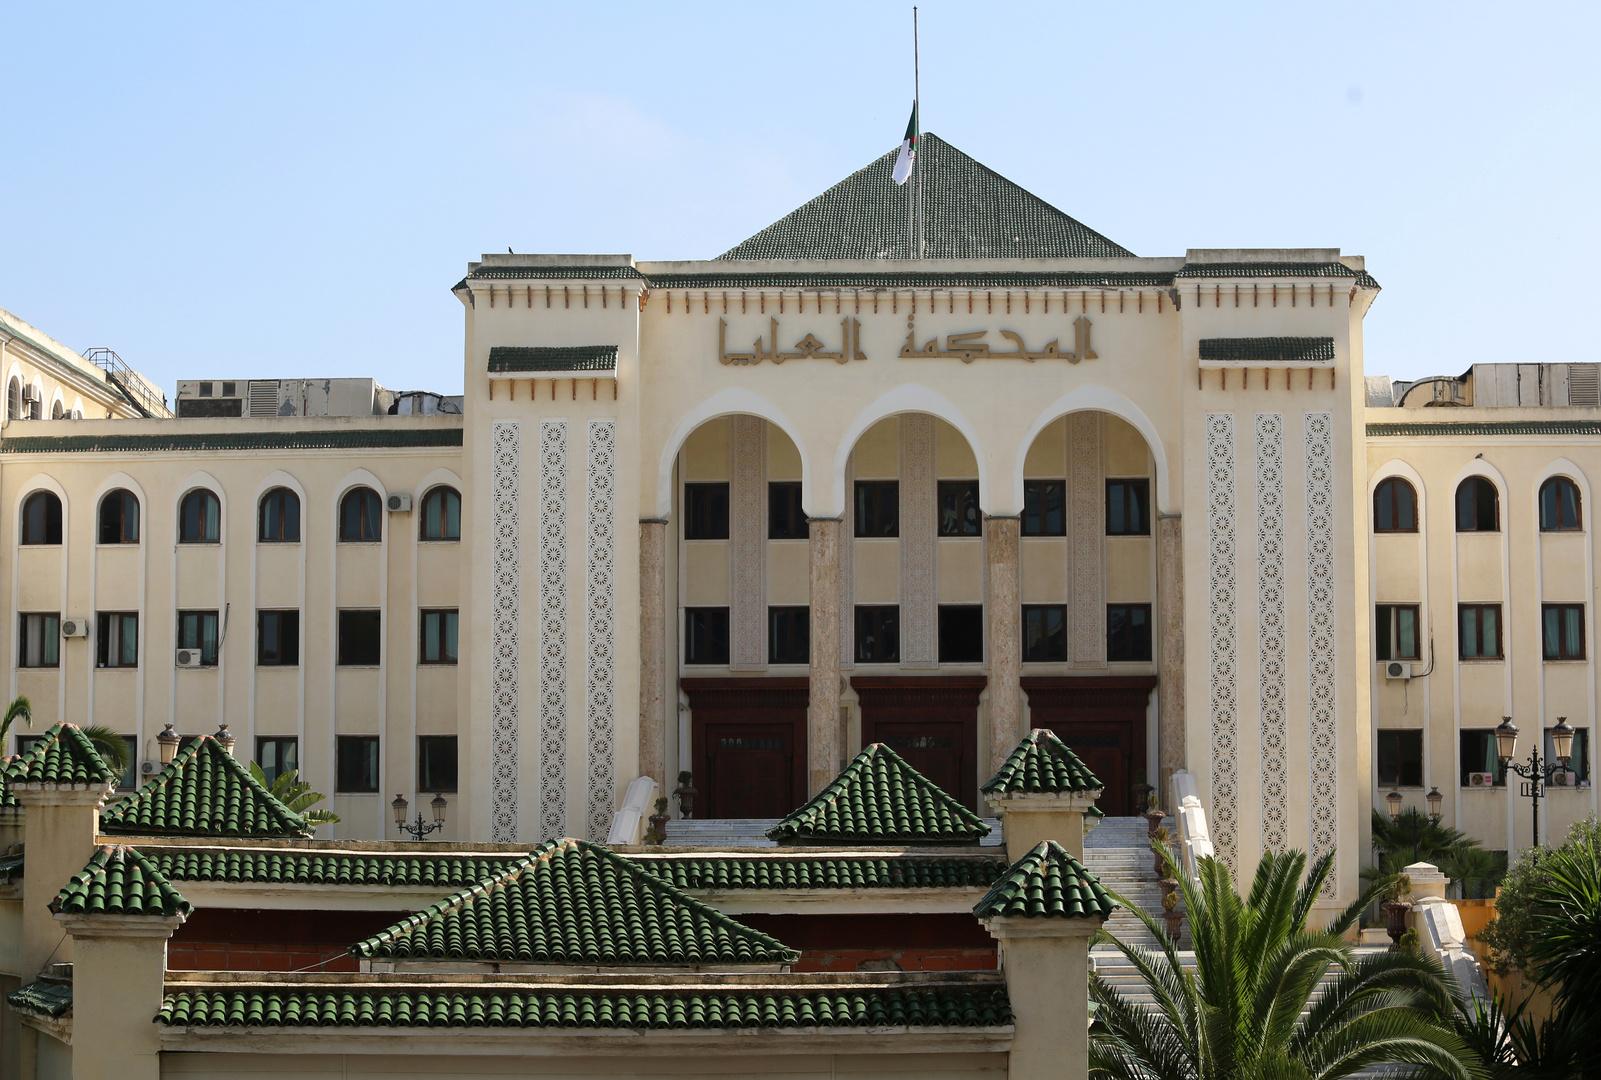 محاكمة مسؤول جزائري بتهمة ابتزاز موظفة متزوجة رفضت إقامة علاقة معه